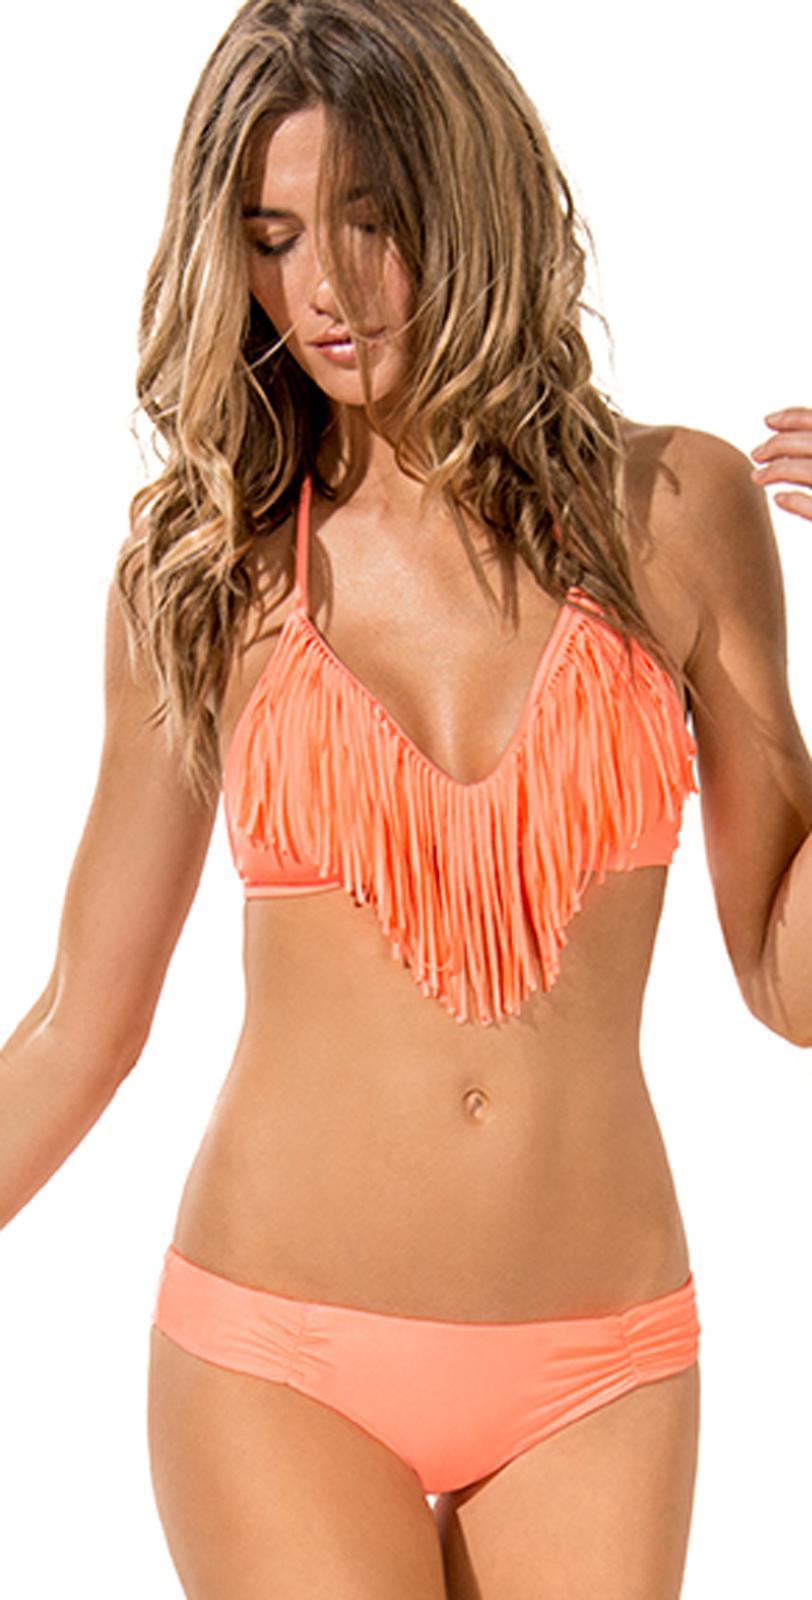 fringe bikini bjj gi top onlyL Space 2014 Electric Coral Audrey Fringe Bikini South Beach yuSAQVaZ